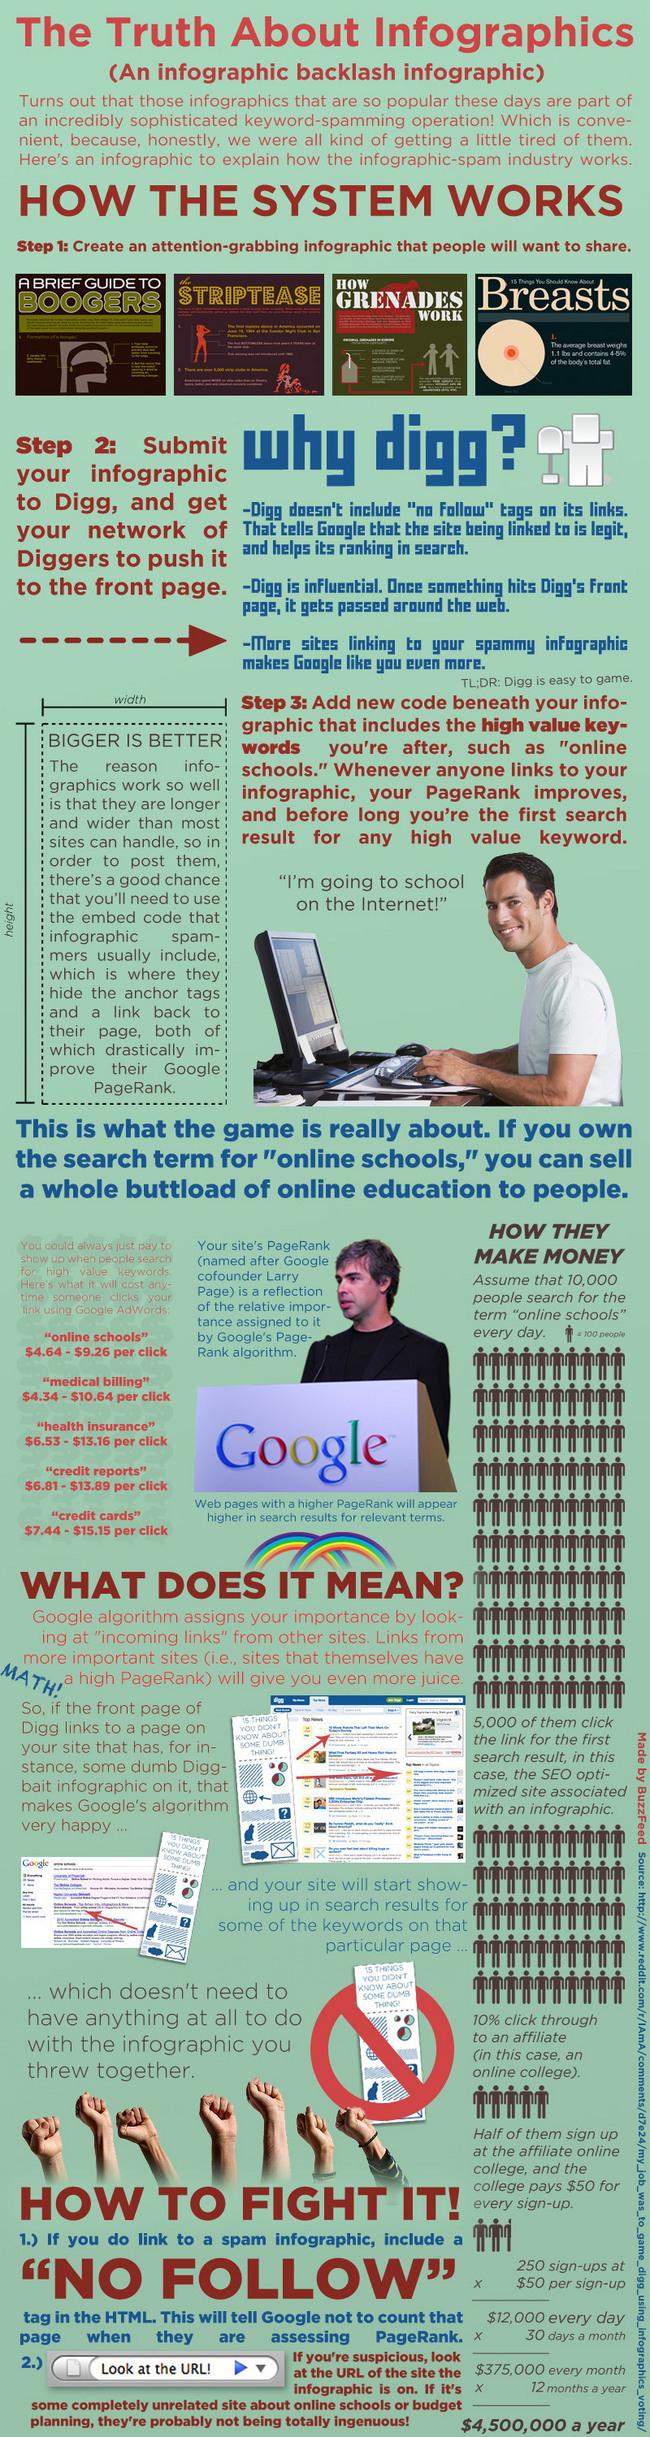 La vérité sur les infographies